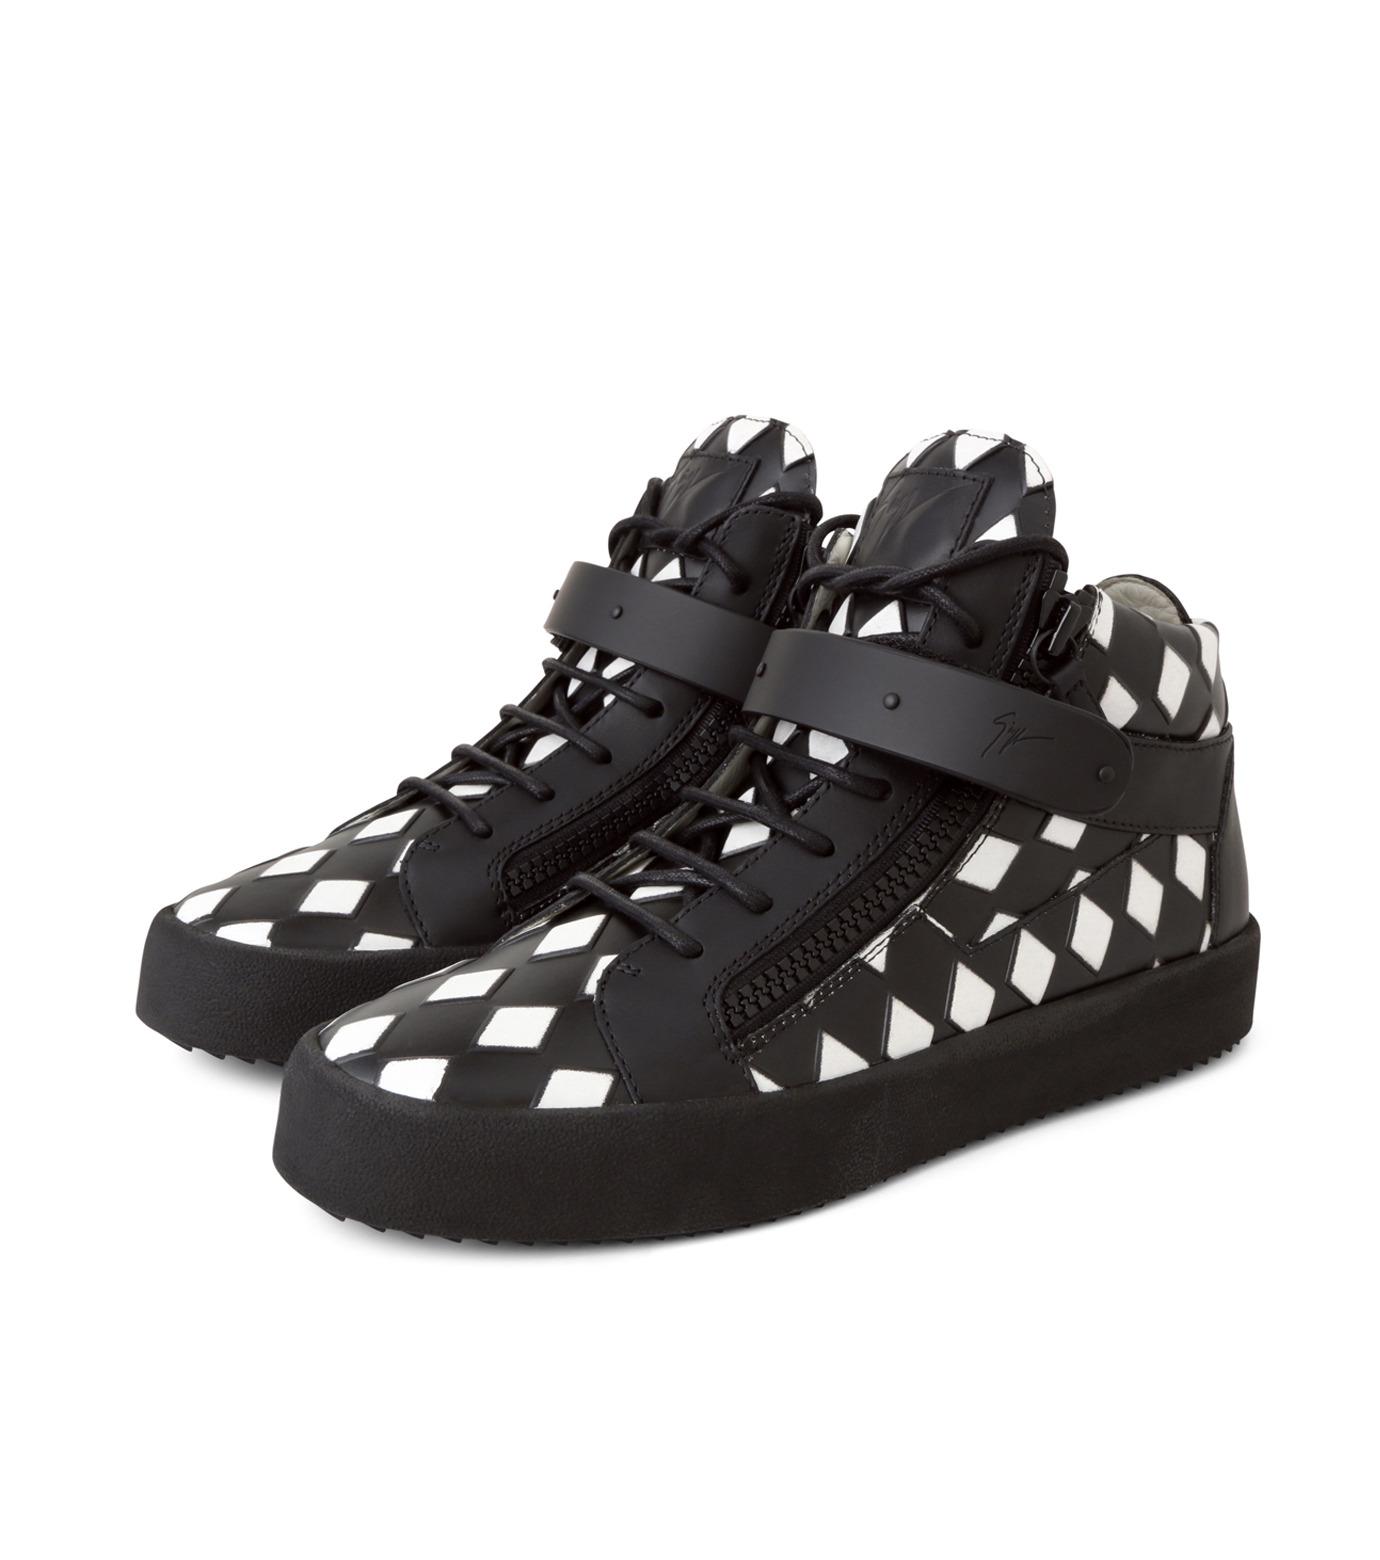 Giuseppe Zanotti Design(ジュゼッペザノッティ)のCherckerflag Sneaker-BLACK(スニーカー/sneaker)-RU6074-13 拡大詳細画像3